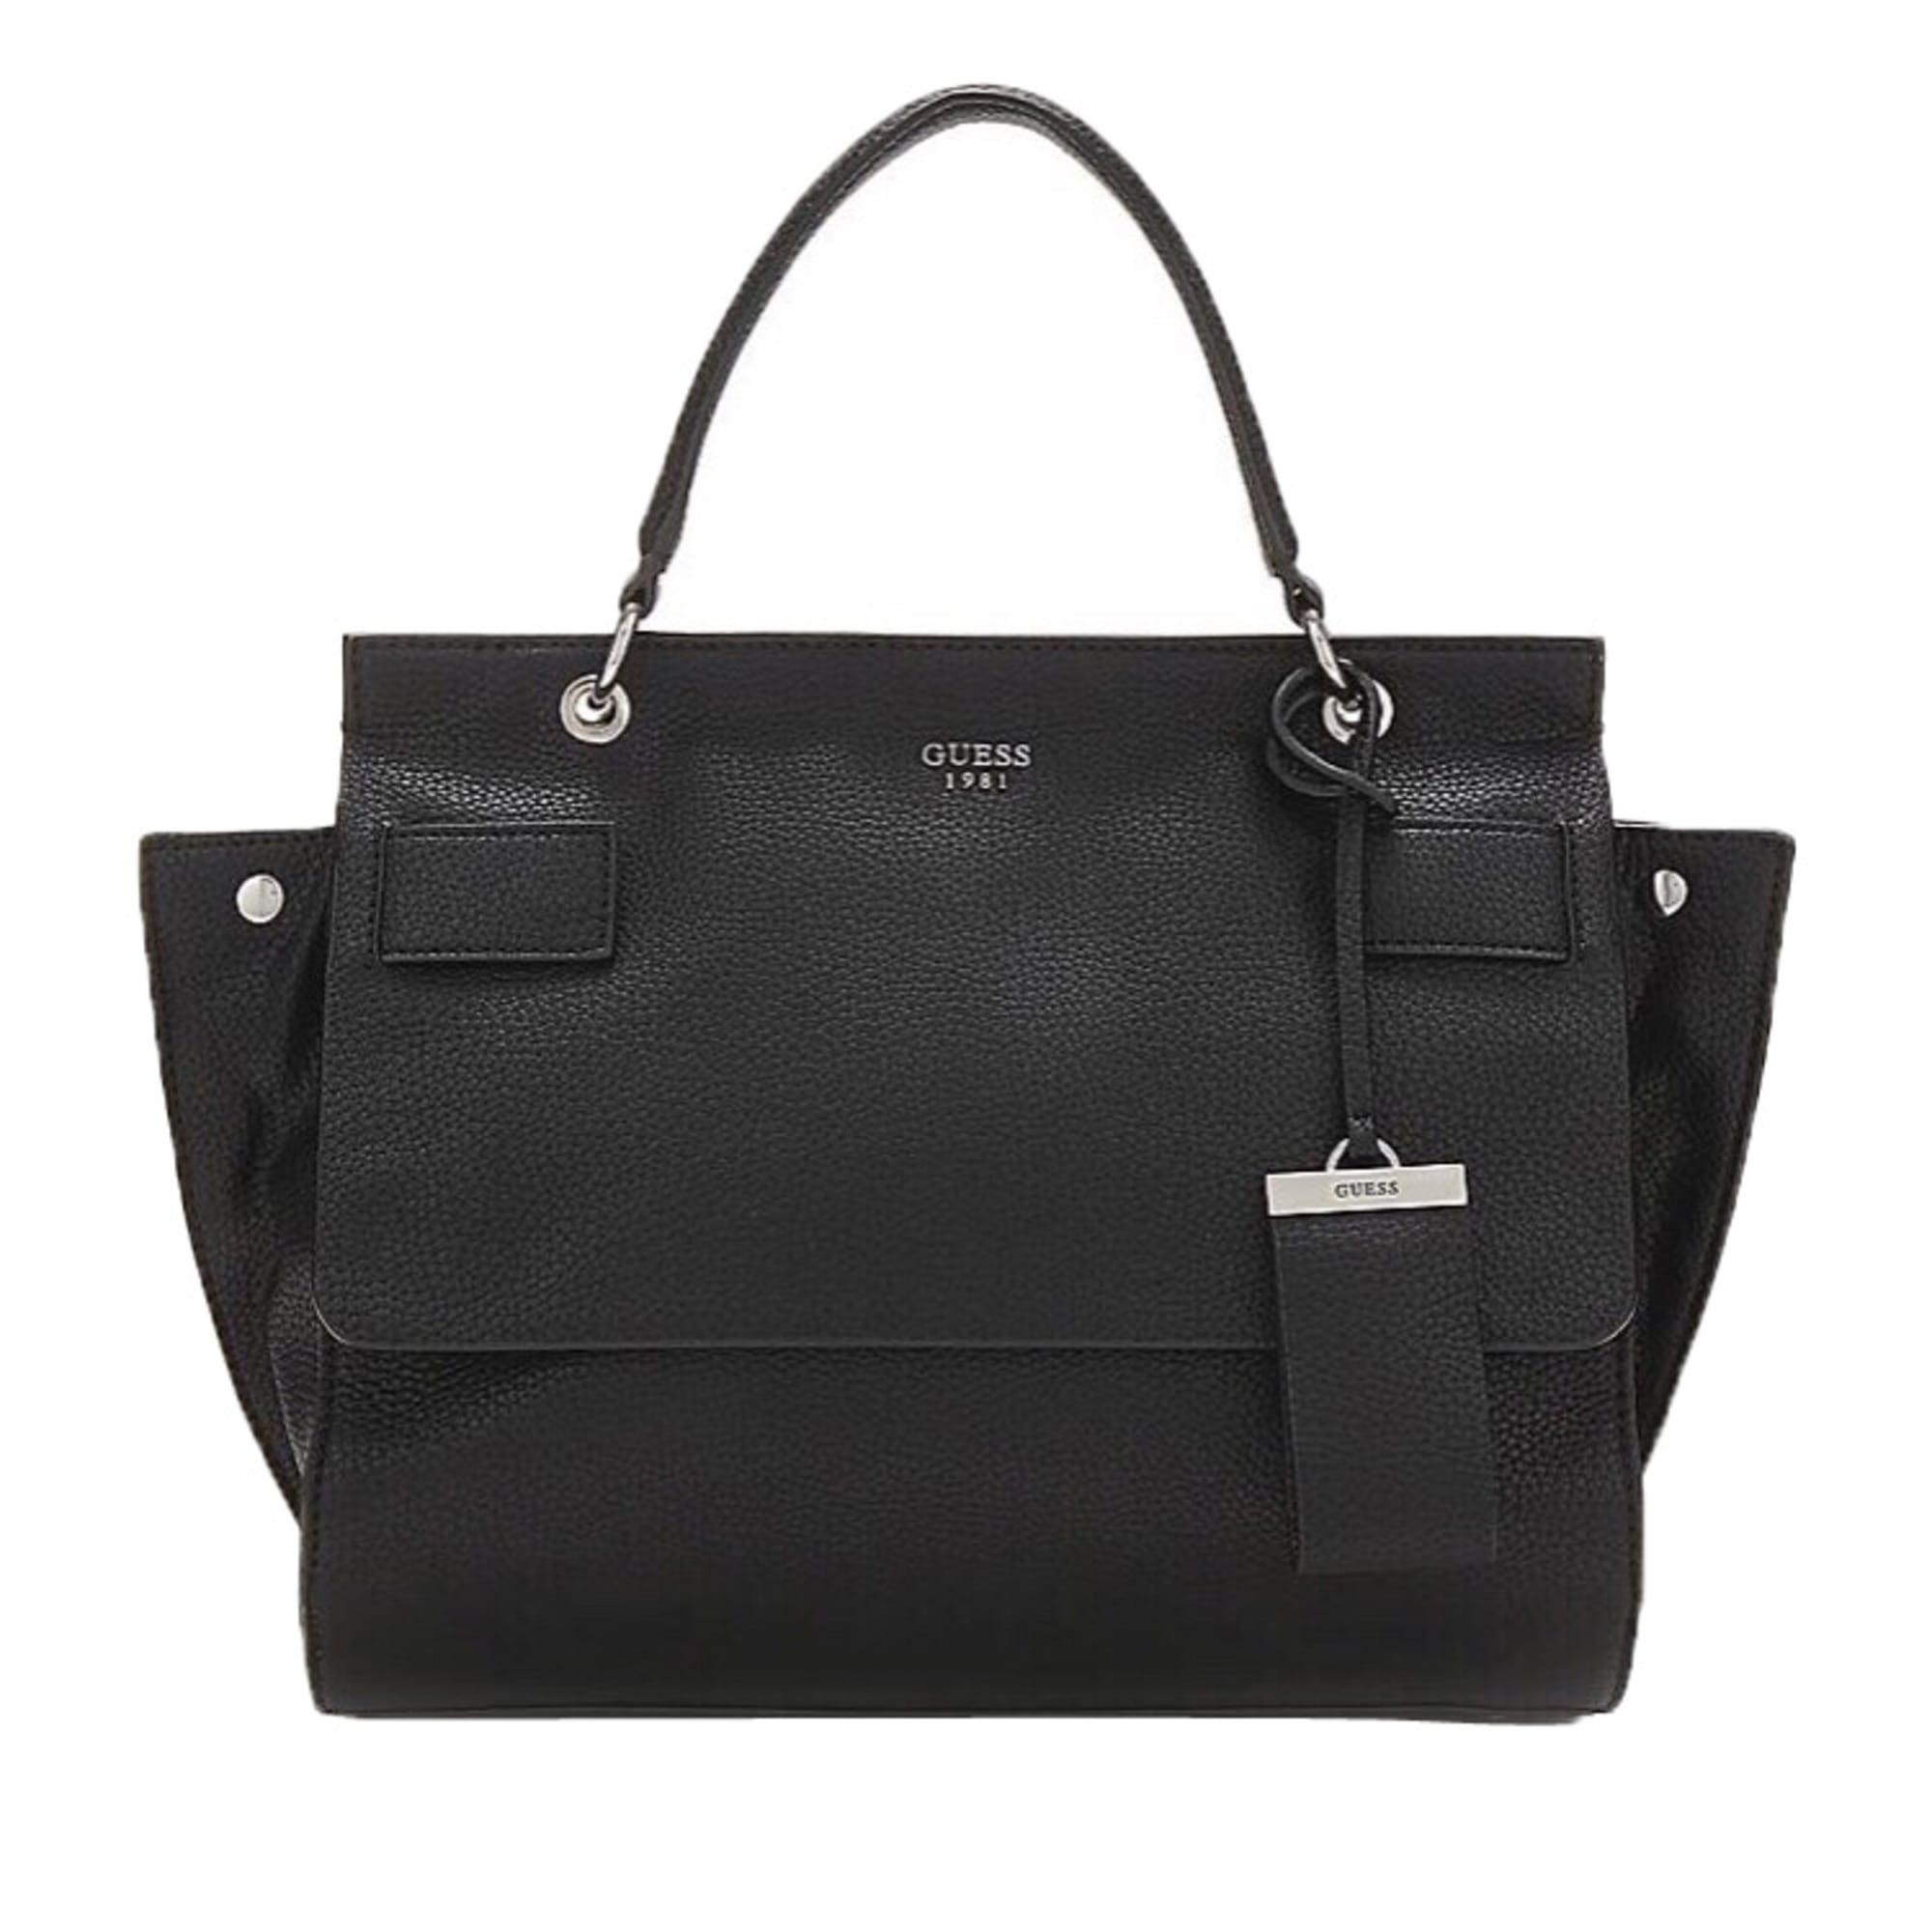 ef03e2f80a Sac à main en cuir GUESS noir vendu par Dressing de marque - 8033719